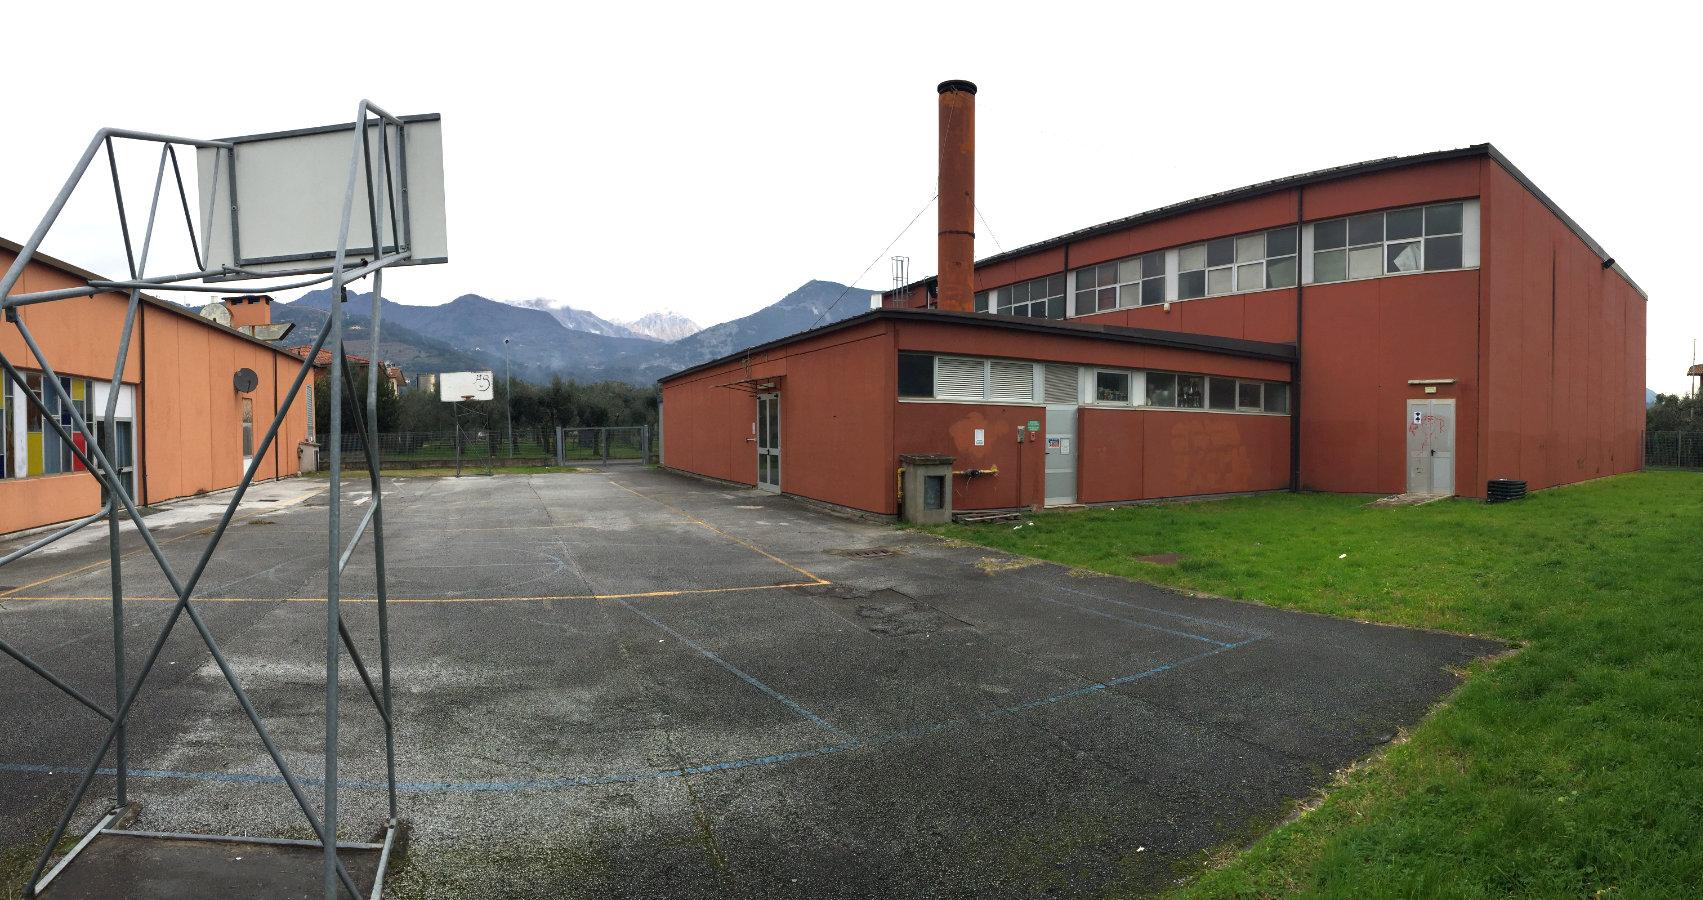 Riprendono le attività delle società sportive nelle palestre comunali di Marzocchino e Frasso